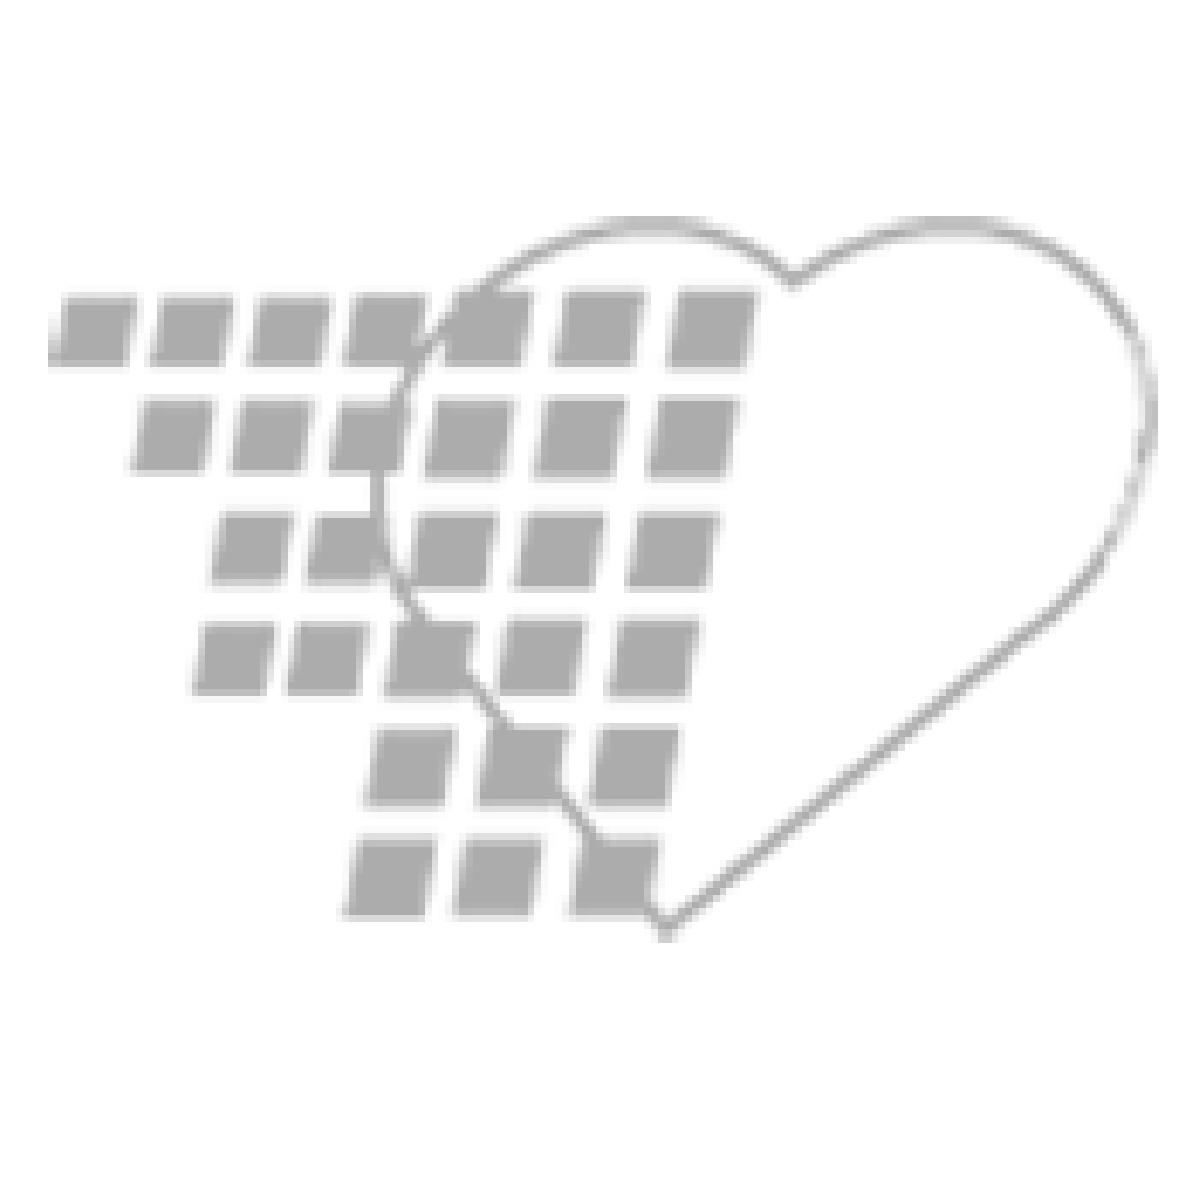 06-82-7007 Oral Syringe- 10 mL and Dosage Korc®